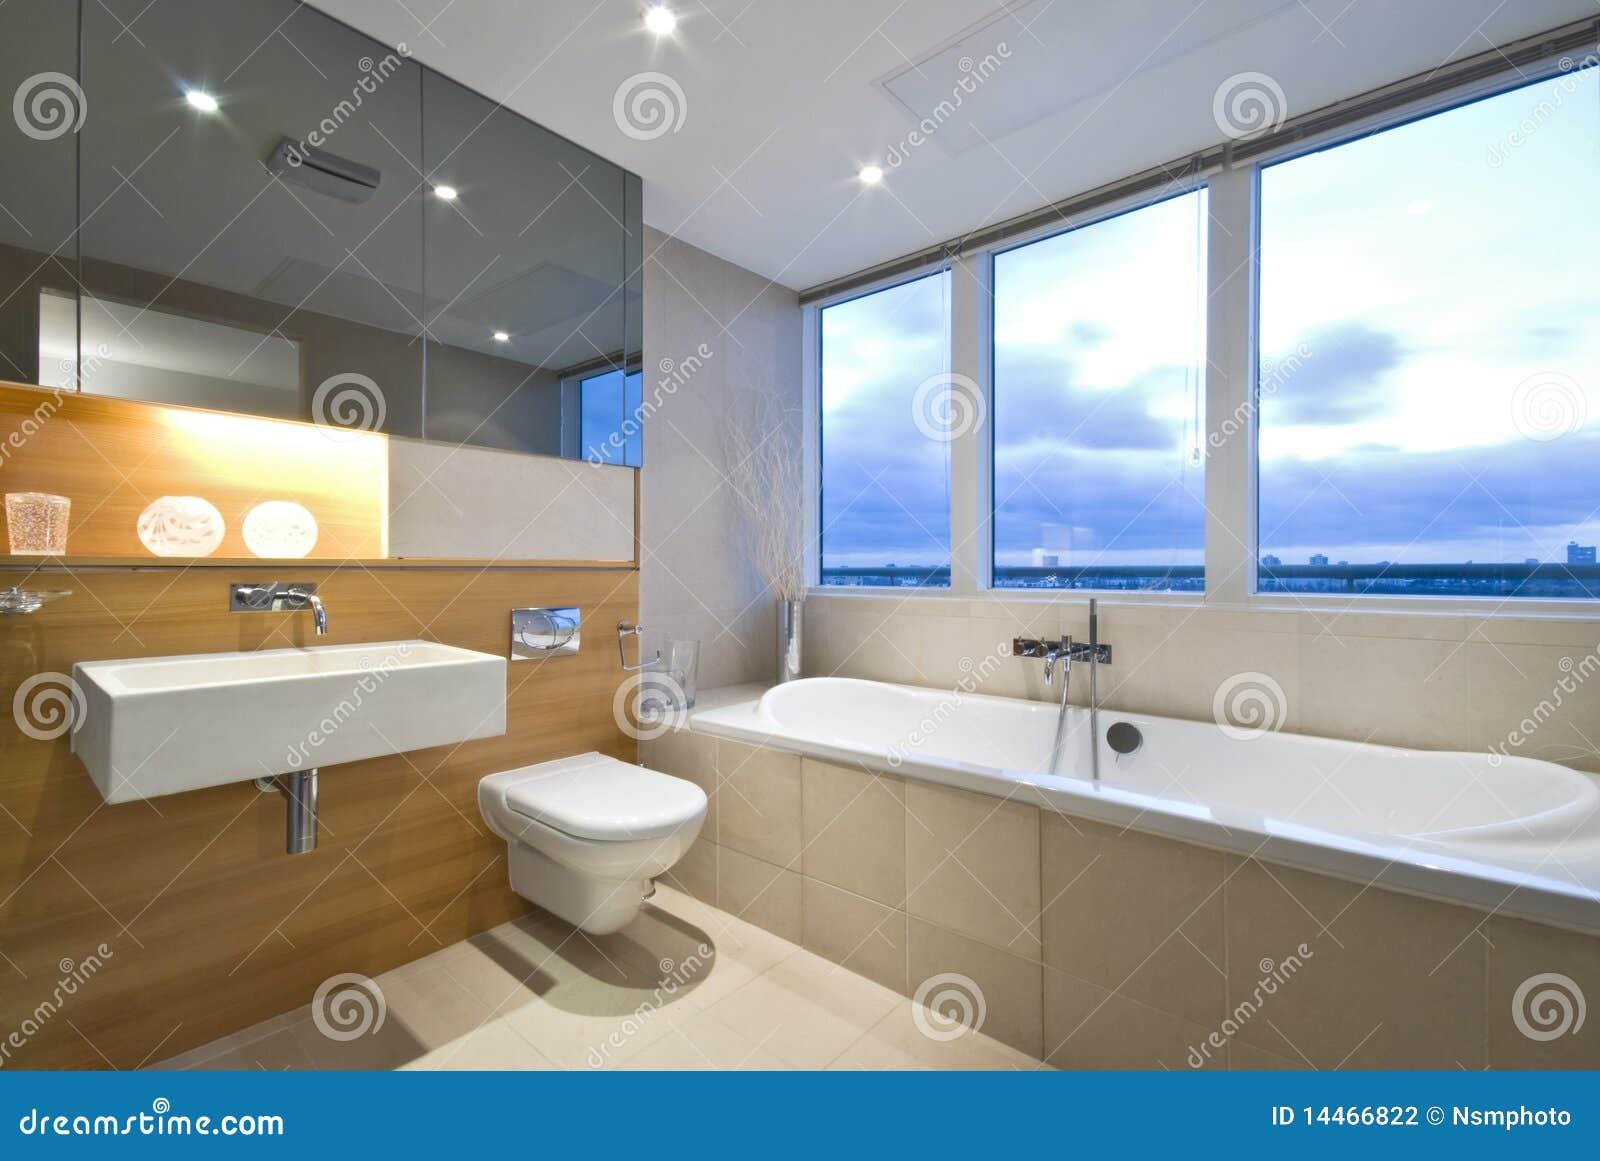 salle de bains moderne d 39 en suite avec le grand hublot photo stock image du bathroom. Black Bedroom Furniture Sets. Home Design Ideas